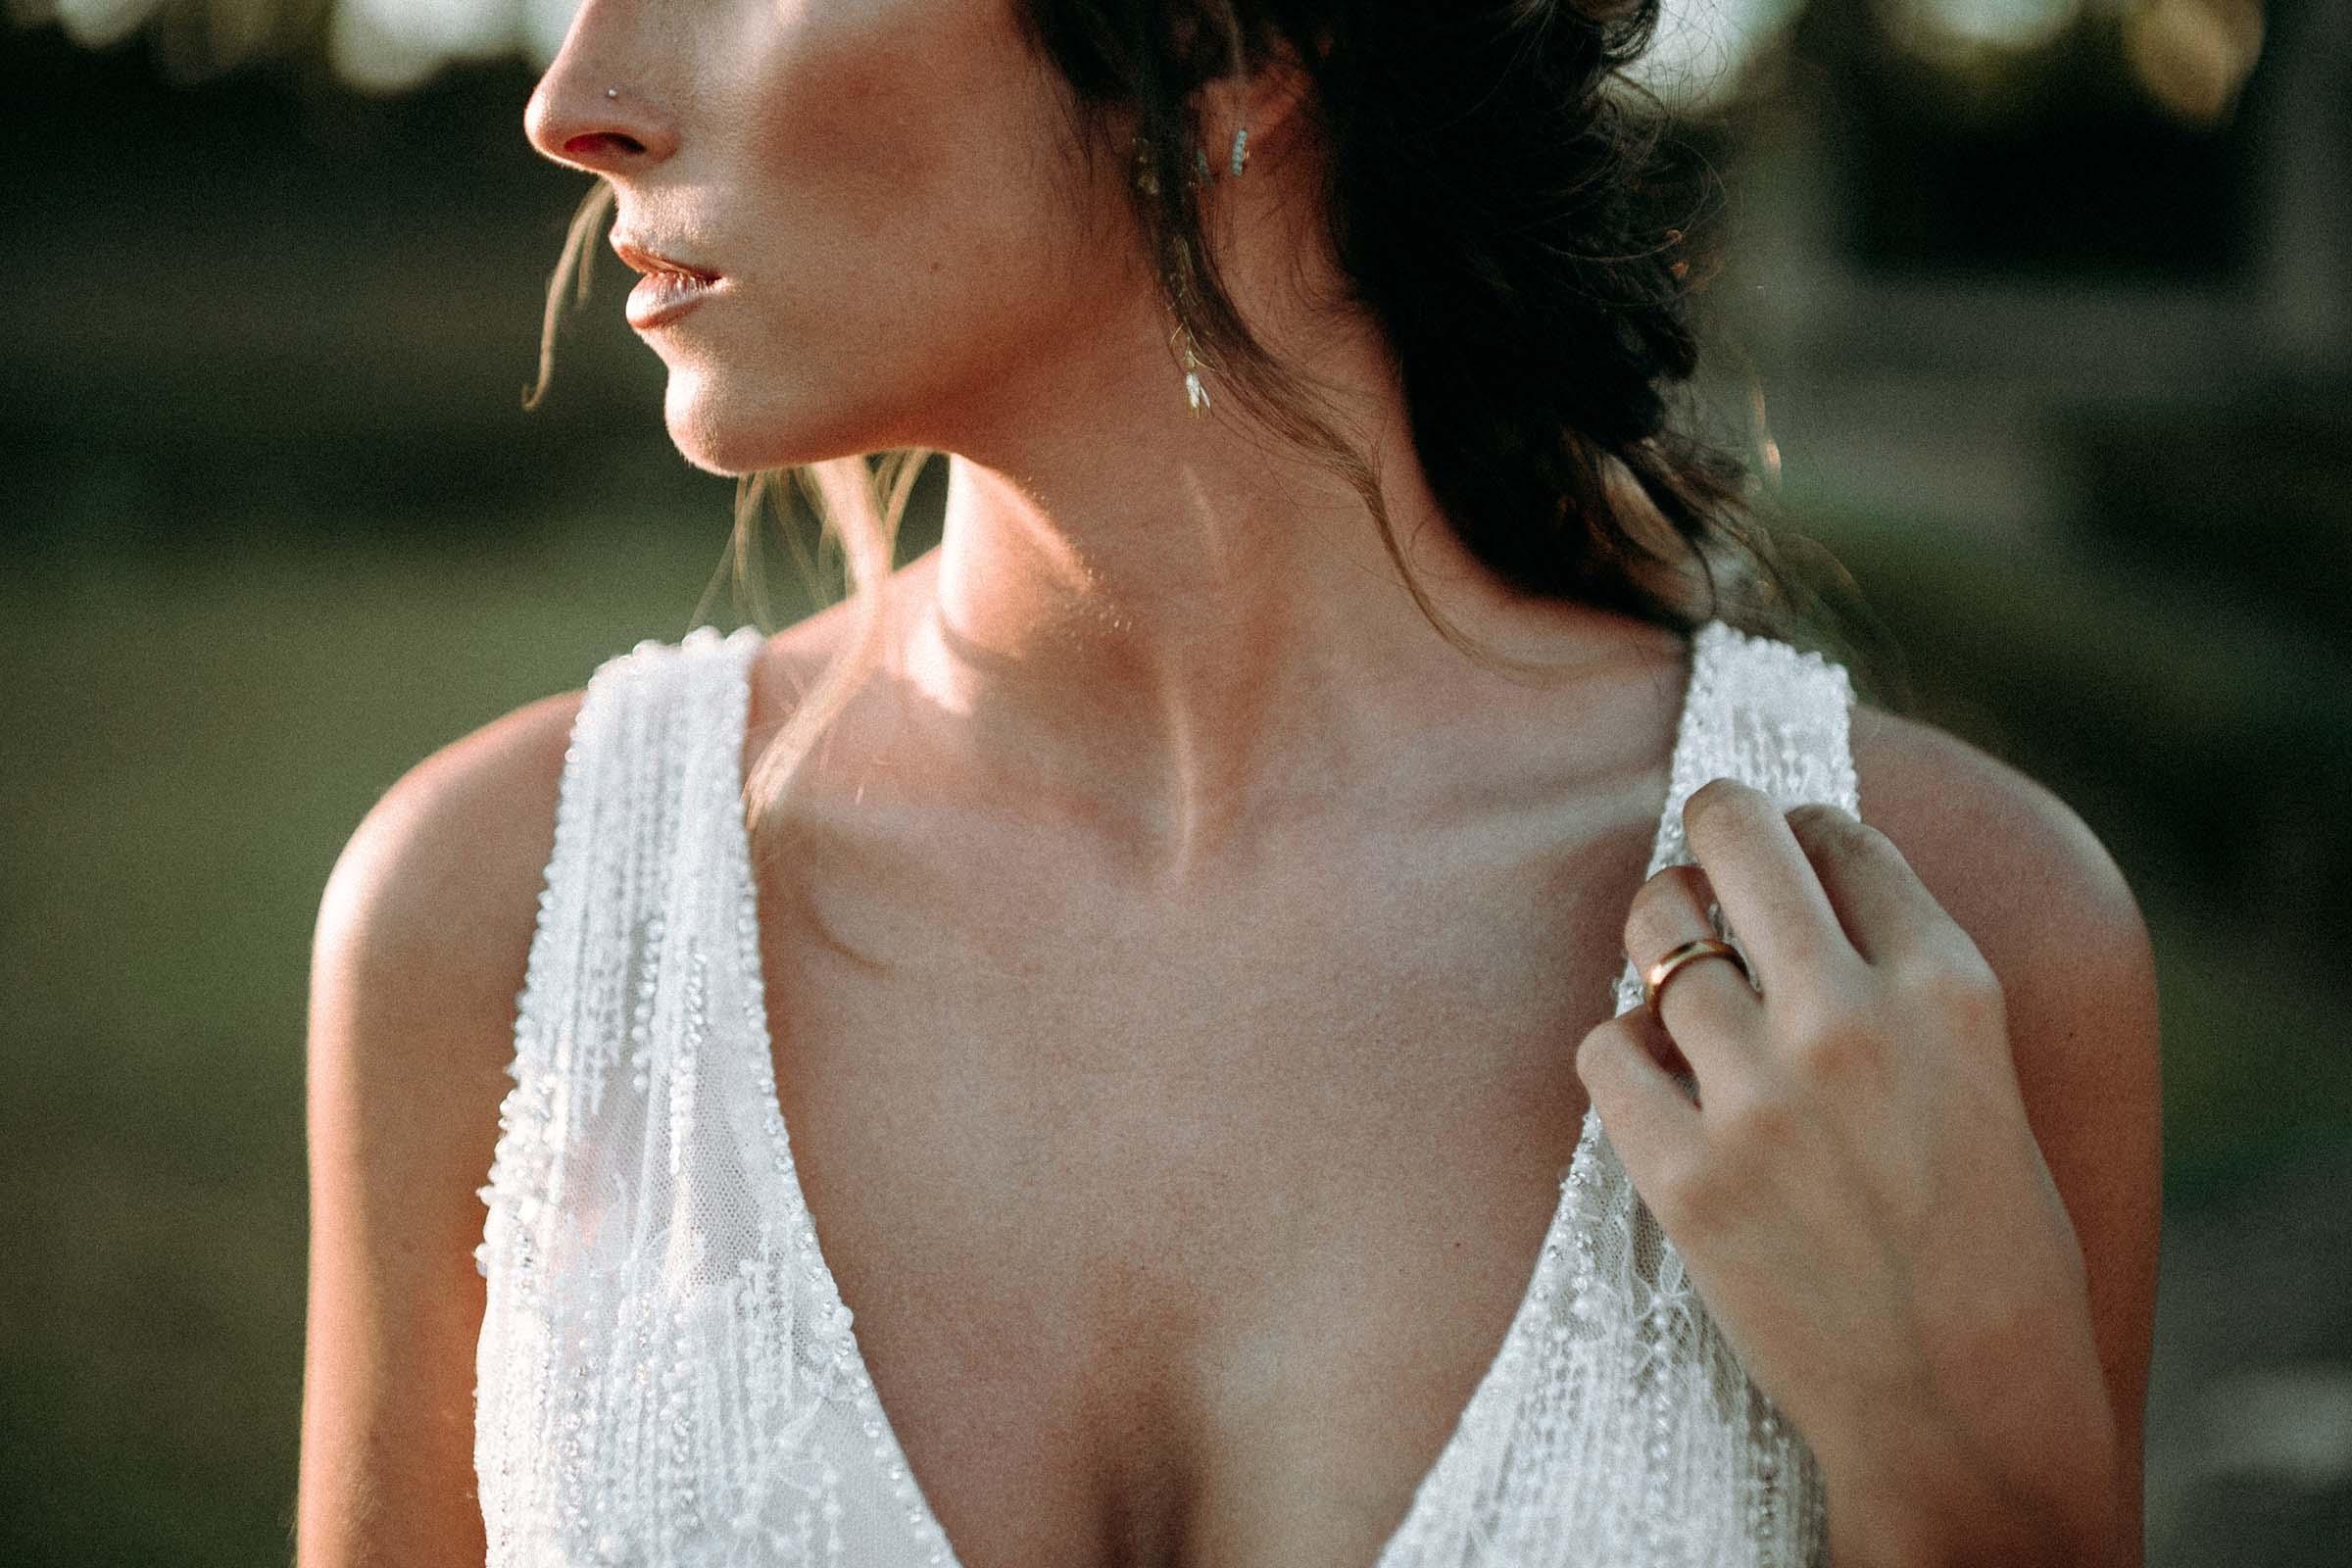 bride cleavage detail looking sideways